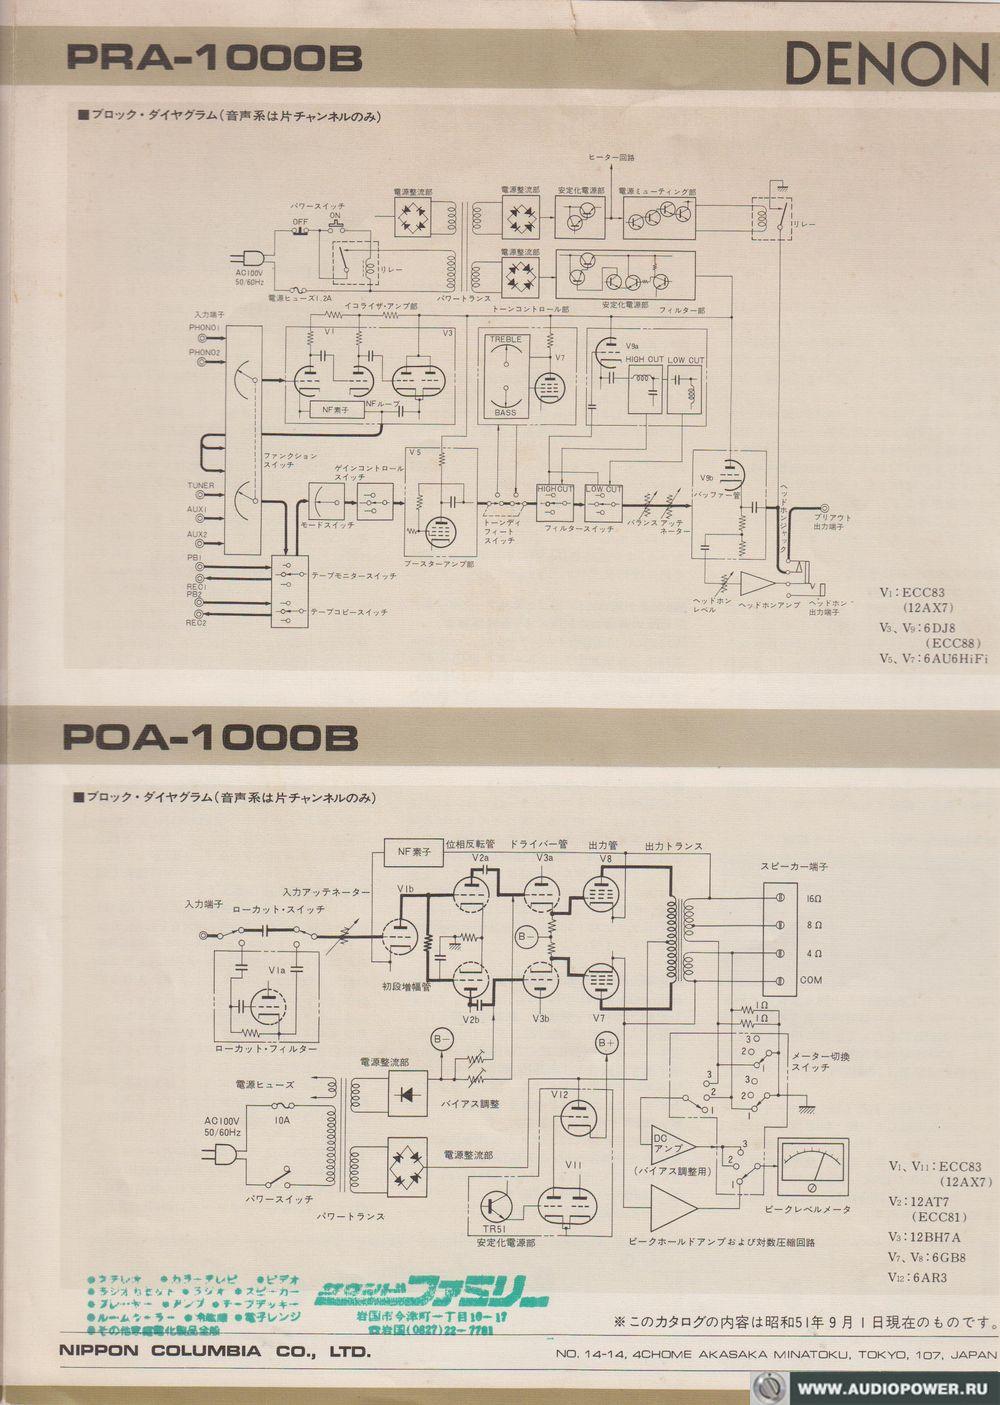 GUERRA CIVIL JAPONESA DEL AUDIO (70,s 80,s) - Página 14 006